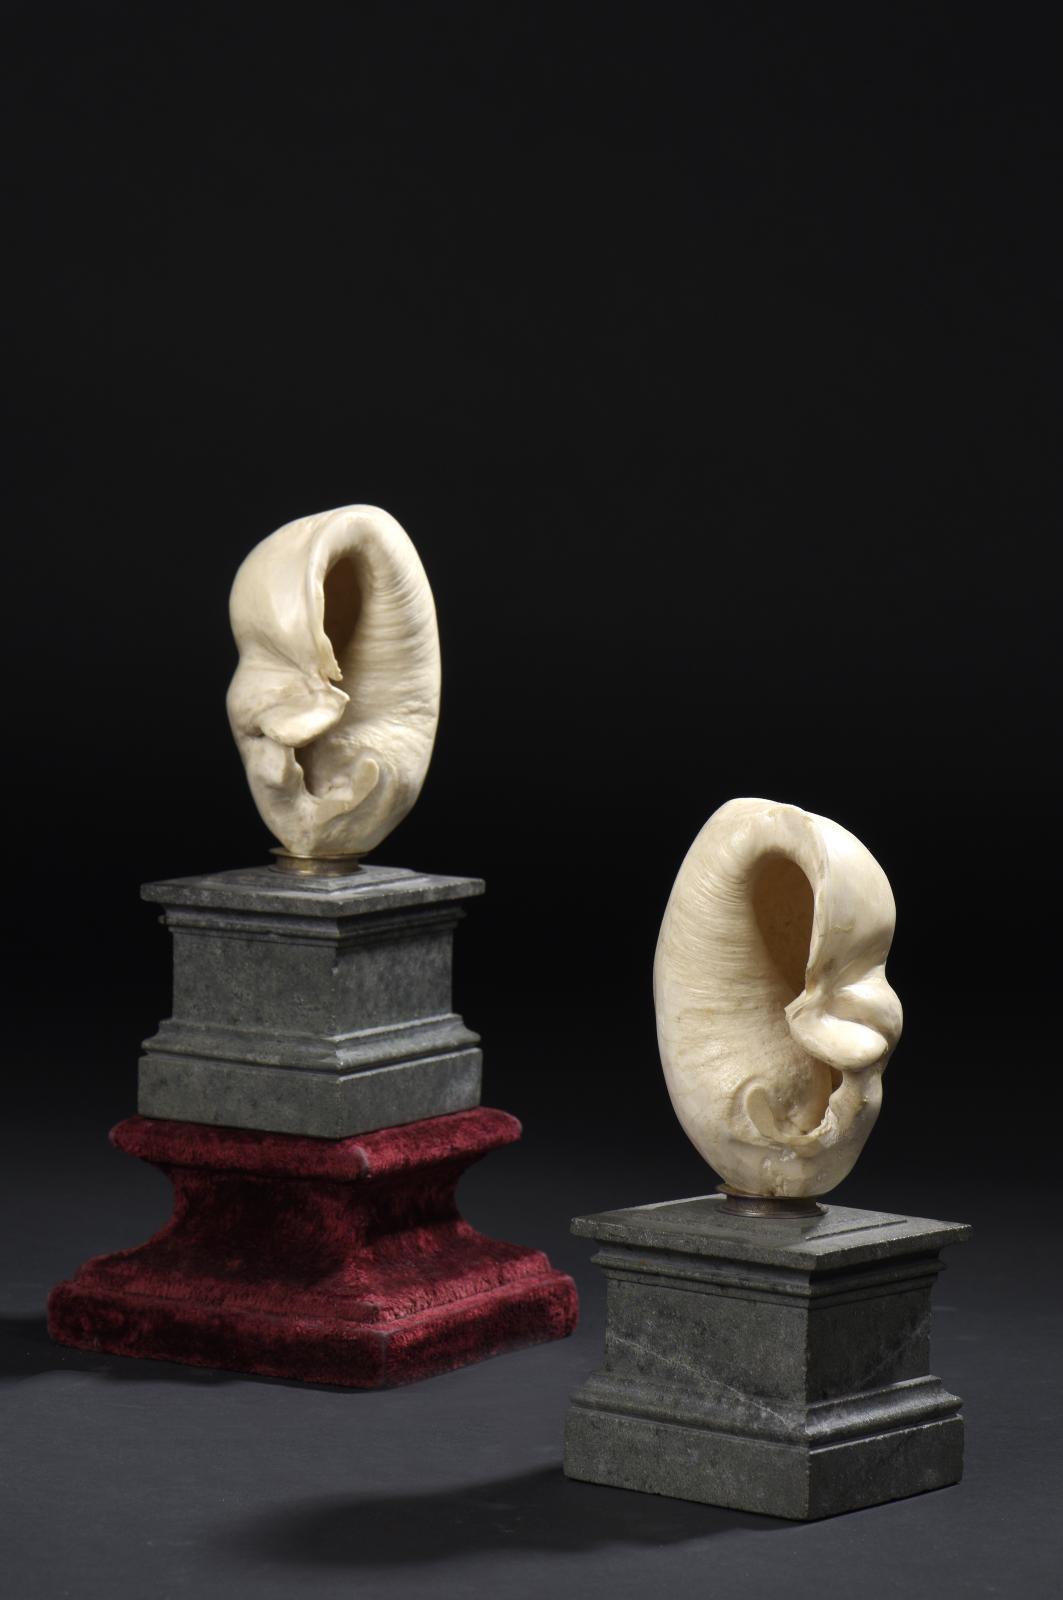 Paire d'os d'oreille de baleine, XVIIIesiècle, montée sur un socle en serpentine, h.20,5et 21cm. Paris, Drouot, 10novembre 2015. DaguerreOVV. M.